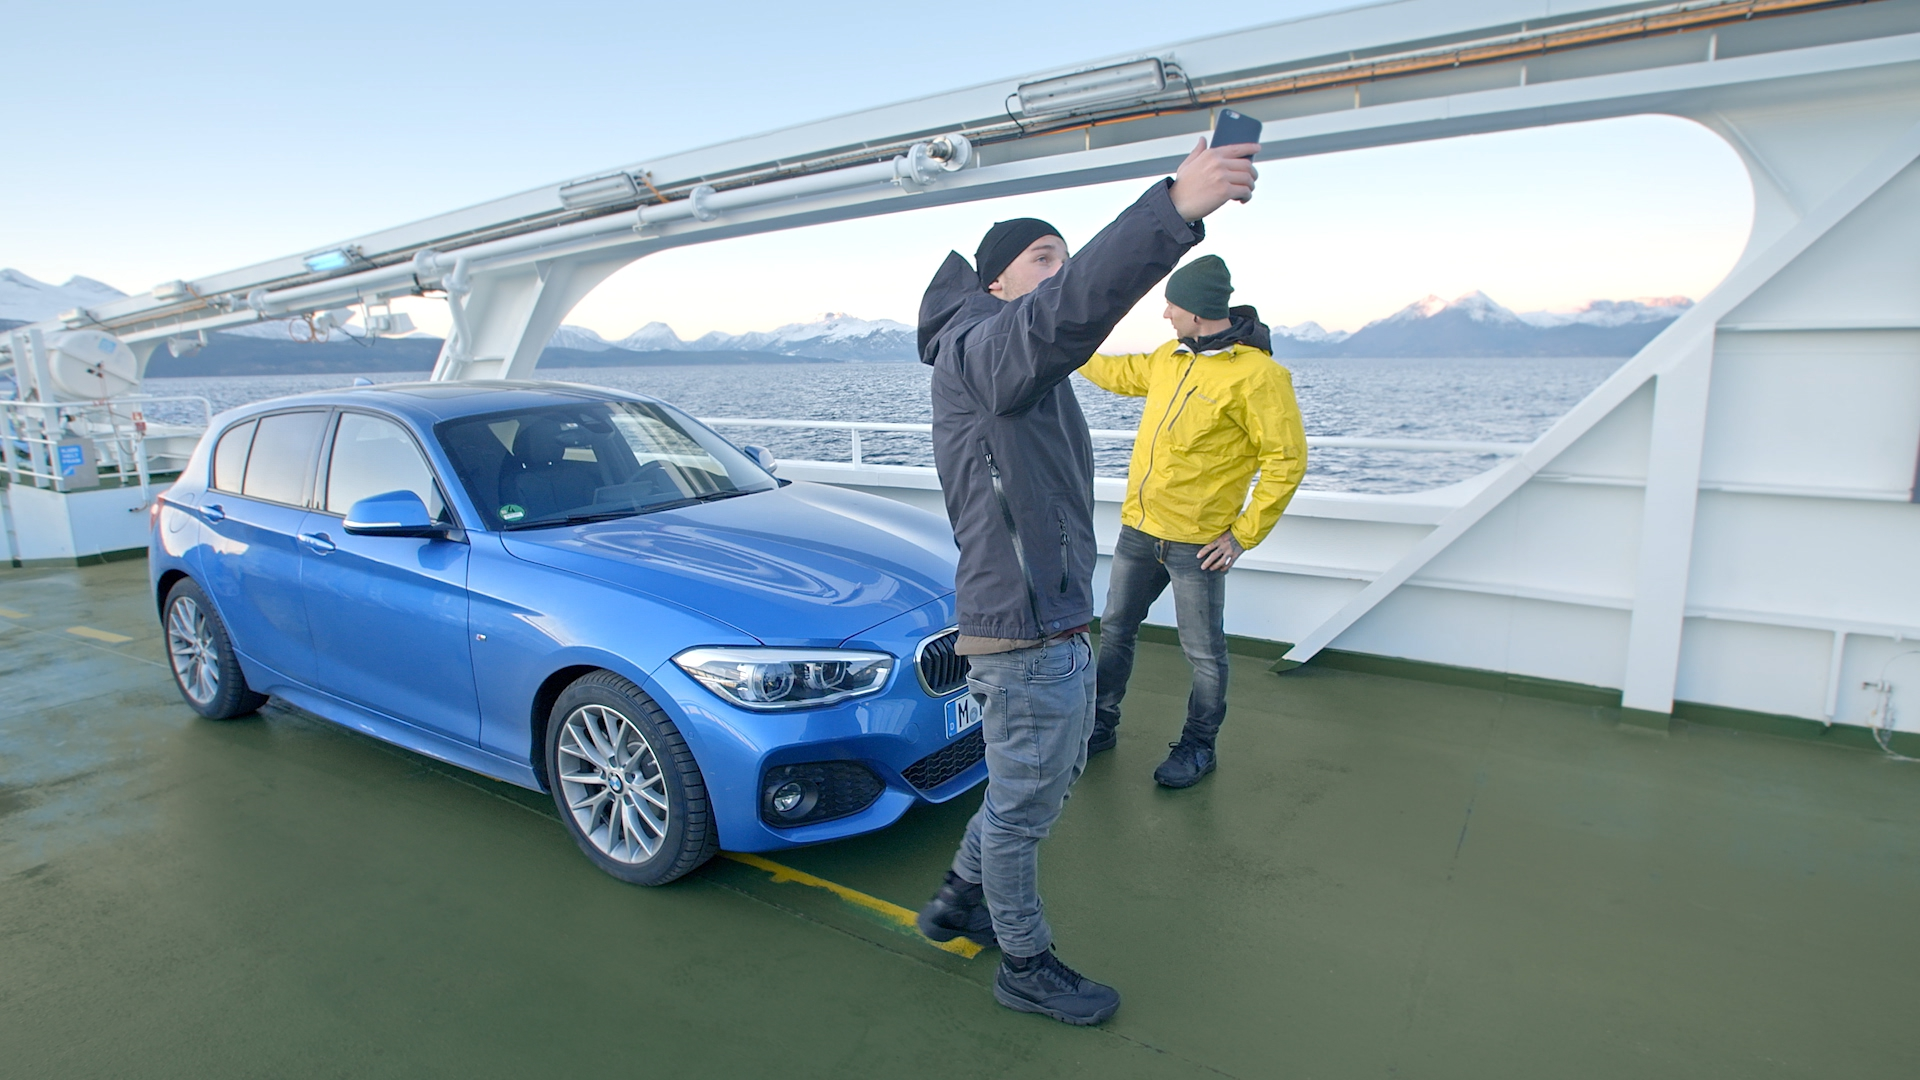 Fähre blauer BMW selfie Schweden Nordeuropa Filmproduktion xdrive Locationscouting ressourcenmangel Berlin Knitterfisch dresden